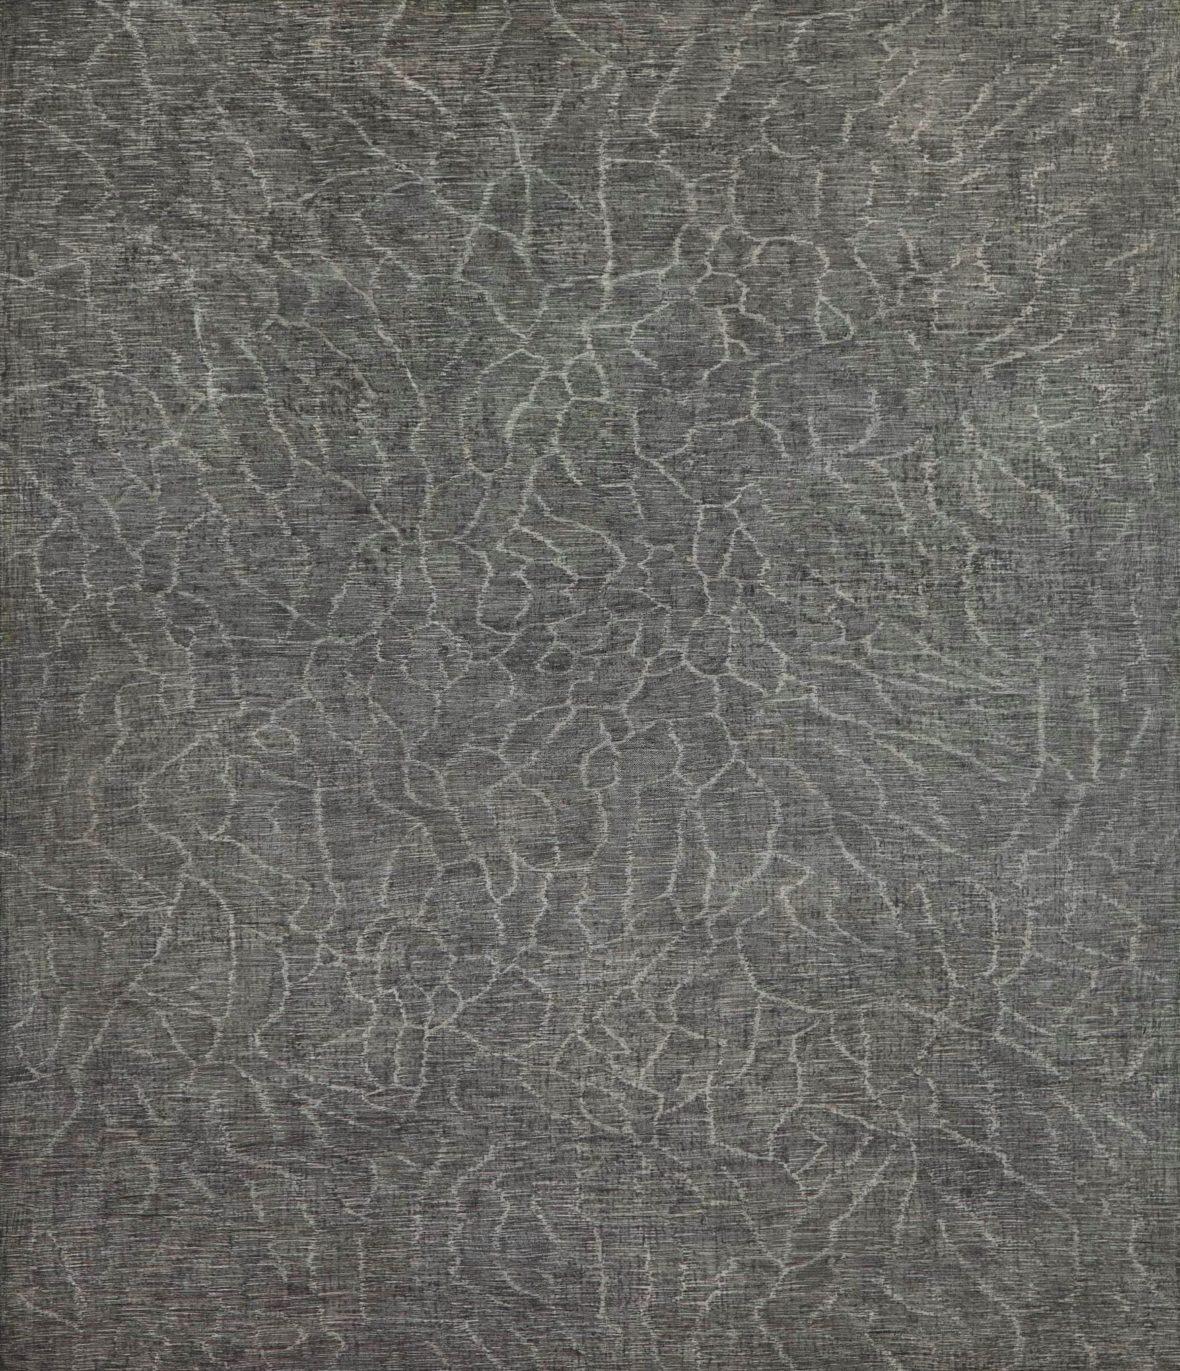 Pariisin harmaa/Paris gray, kuva Timo laitala